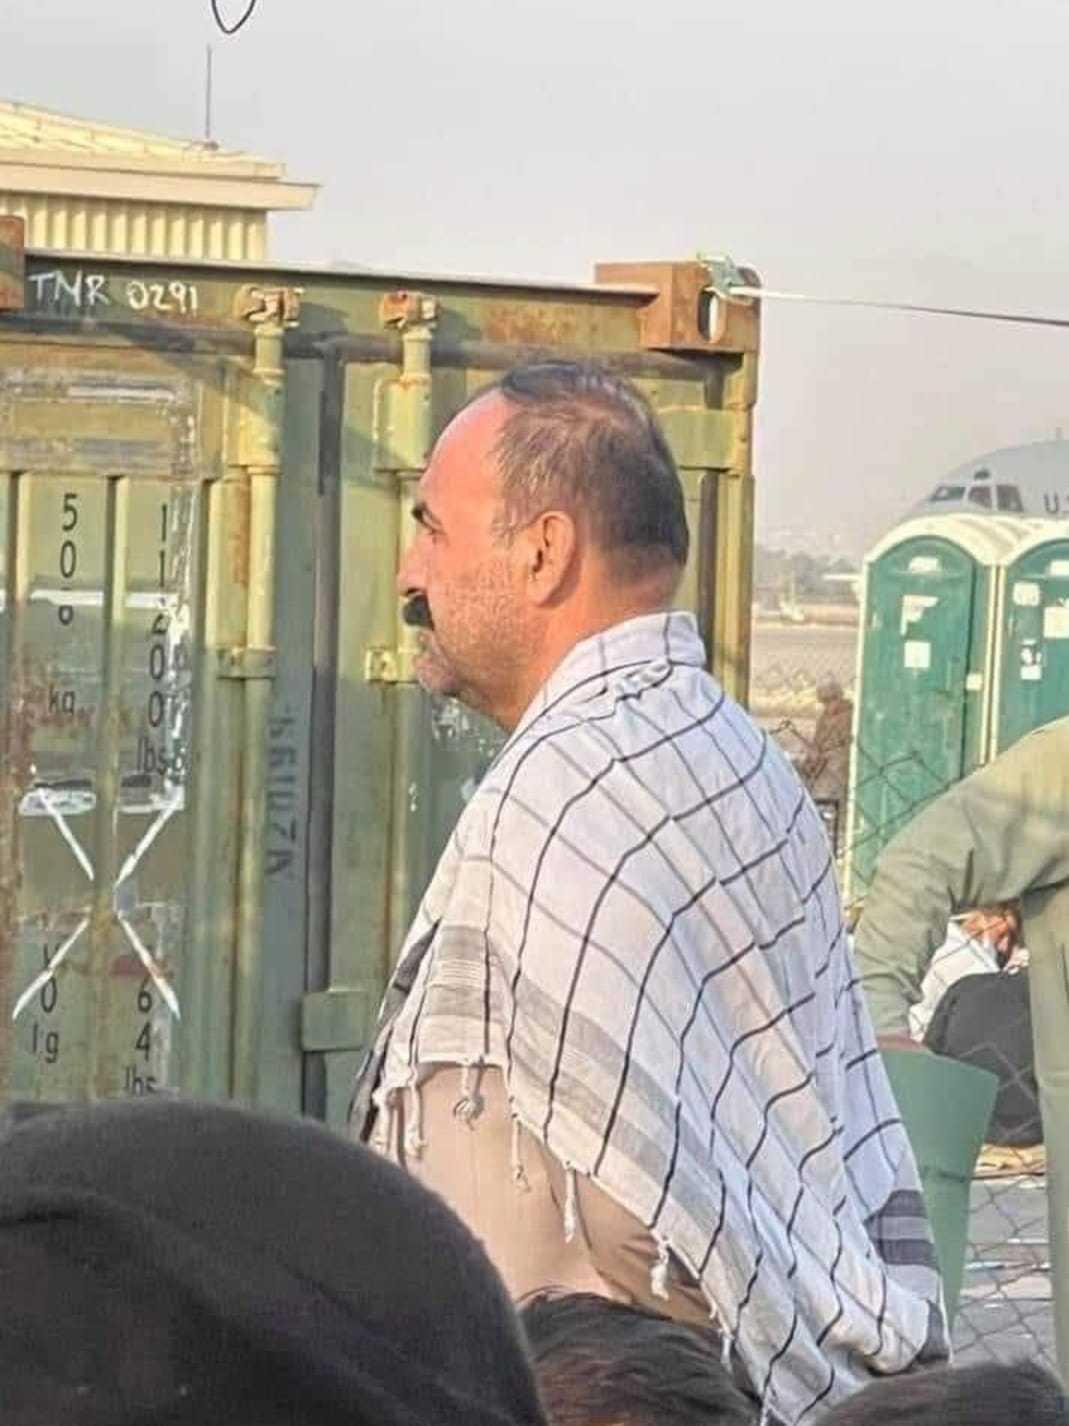 阿富汗前陆军参谋长阿赫马德扎伊穿便服现身机场排长队等飞机